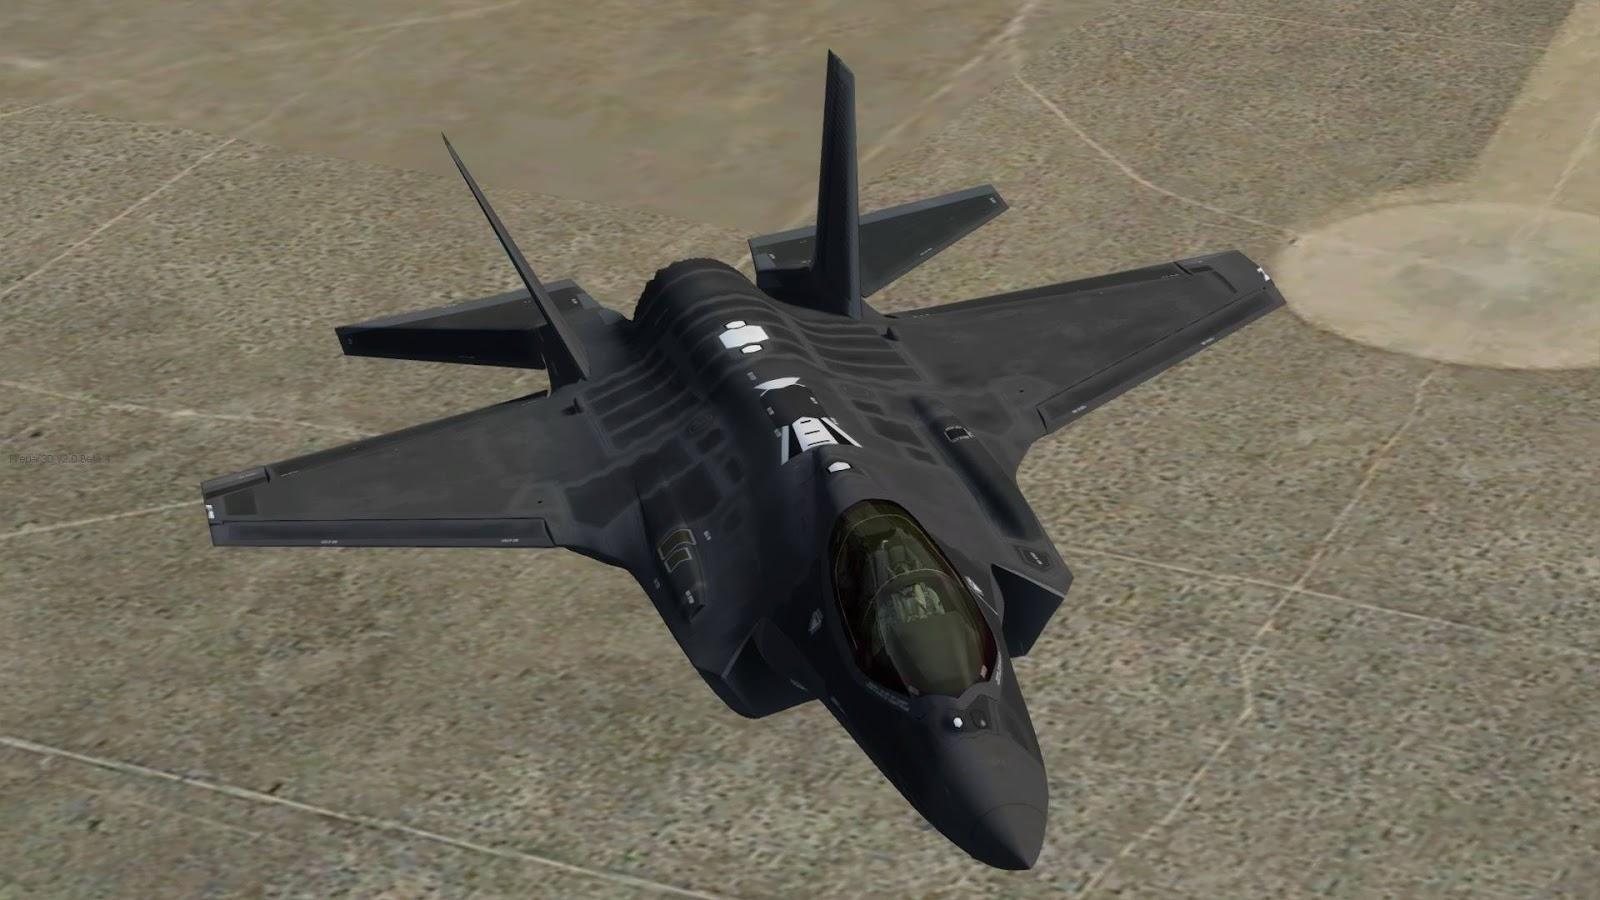 F-35 FLIGHT